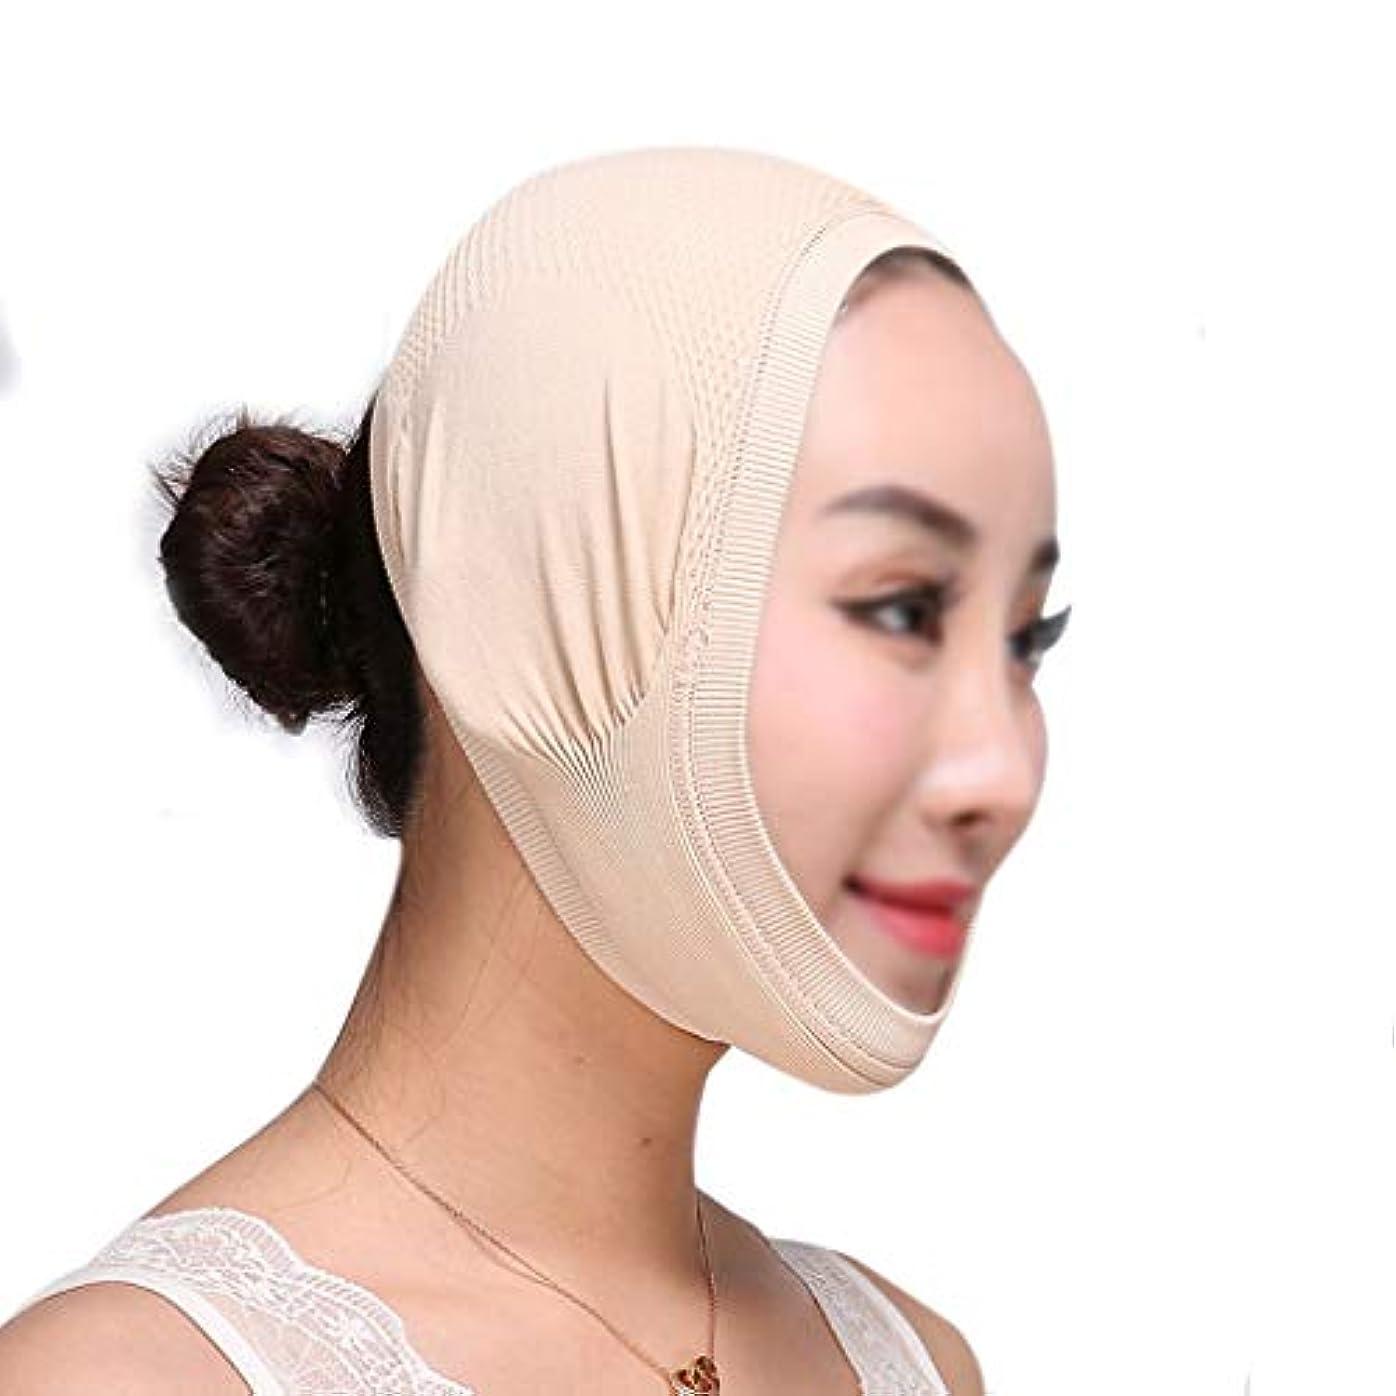 ニコチン通り抜ける入り口整形外科病院ライン彫刻術後回復ヘッドギア医療マスク睡眠vフェイスリフティング包帯薄いフェイスマスク (Size : Skin tone(B))